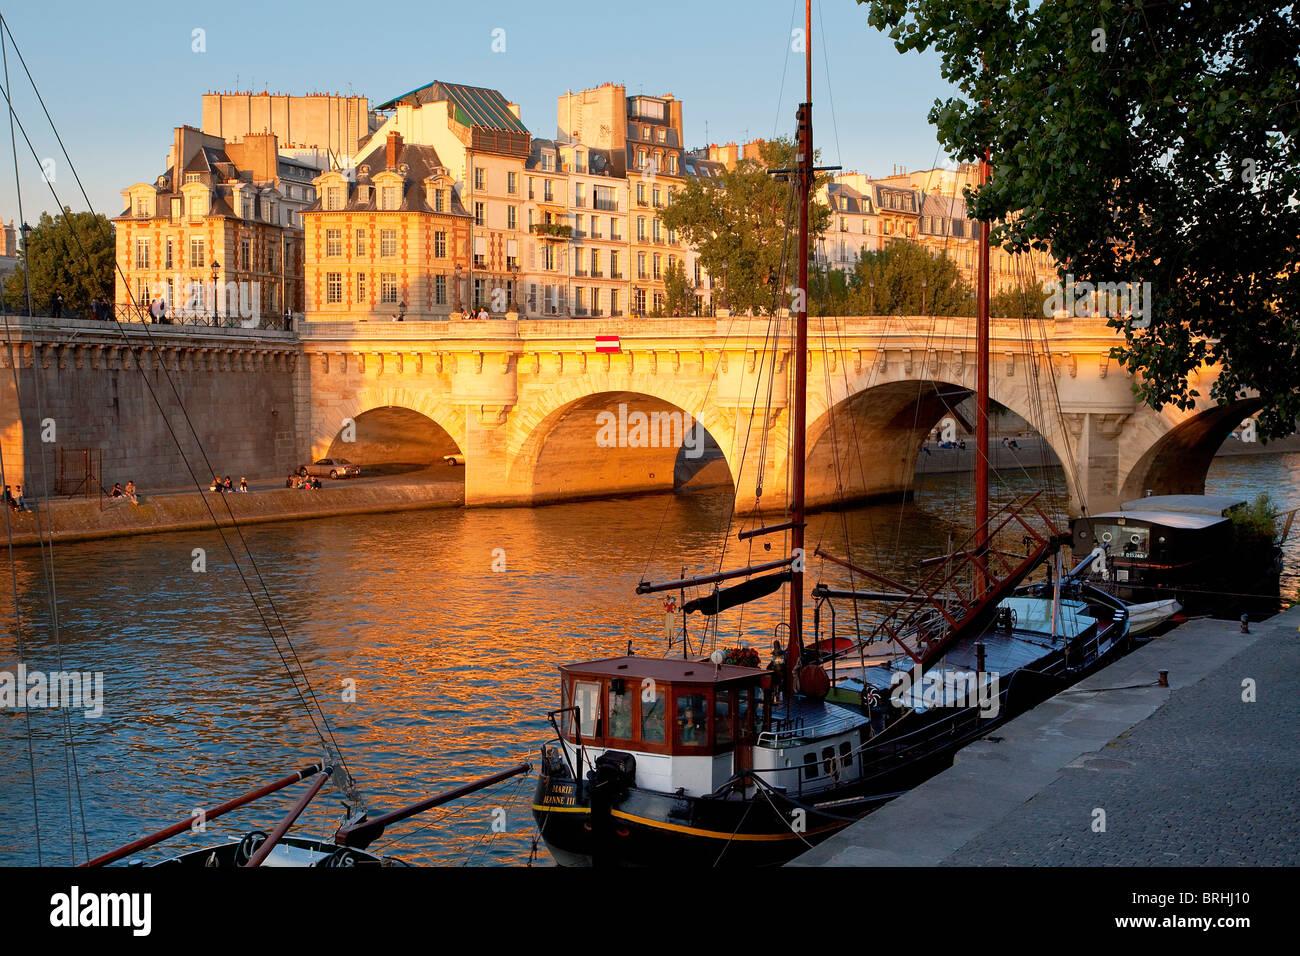 Europe, France, Paris, Le pont Neuf - Stock Image